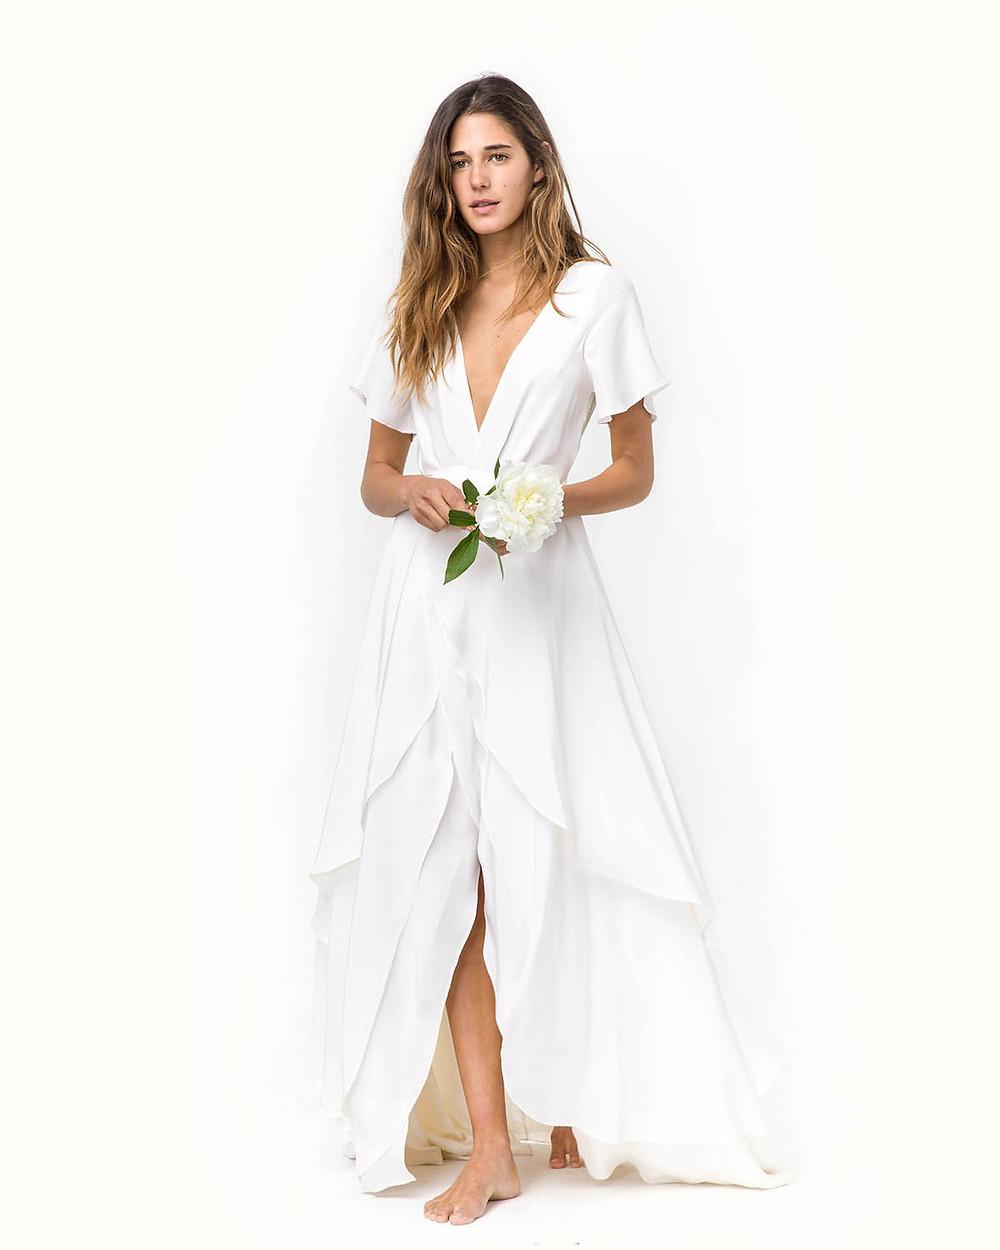 Christy Dawn, Eco Friendly Wedding Dress, Wedding Blog